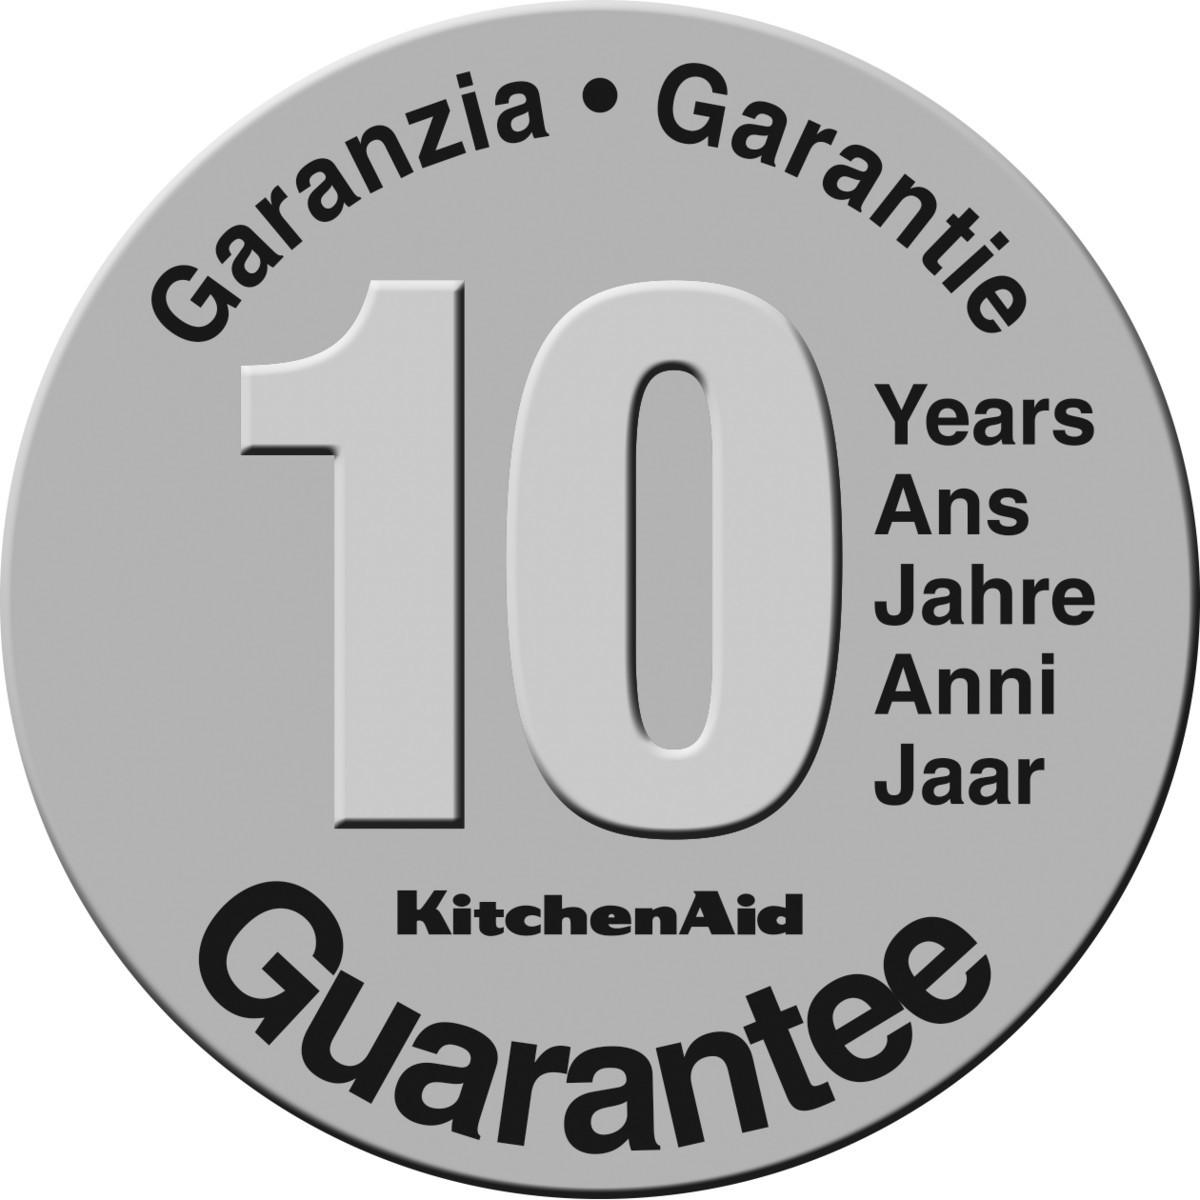 KitchenAid ARTISAN Power Plus Blender/Standmixer 10 Jahre Garantie